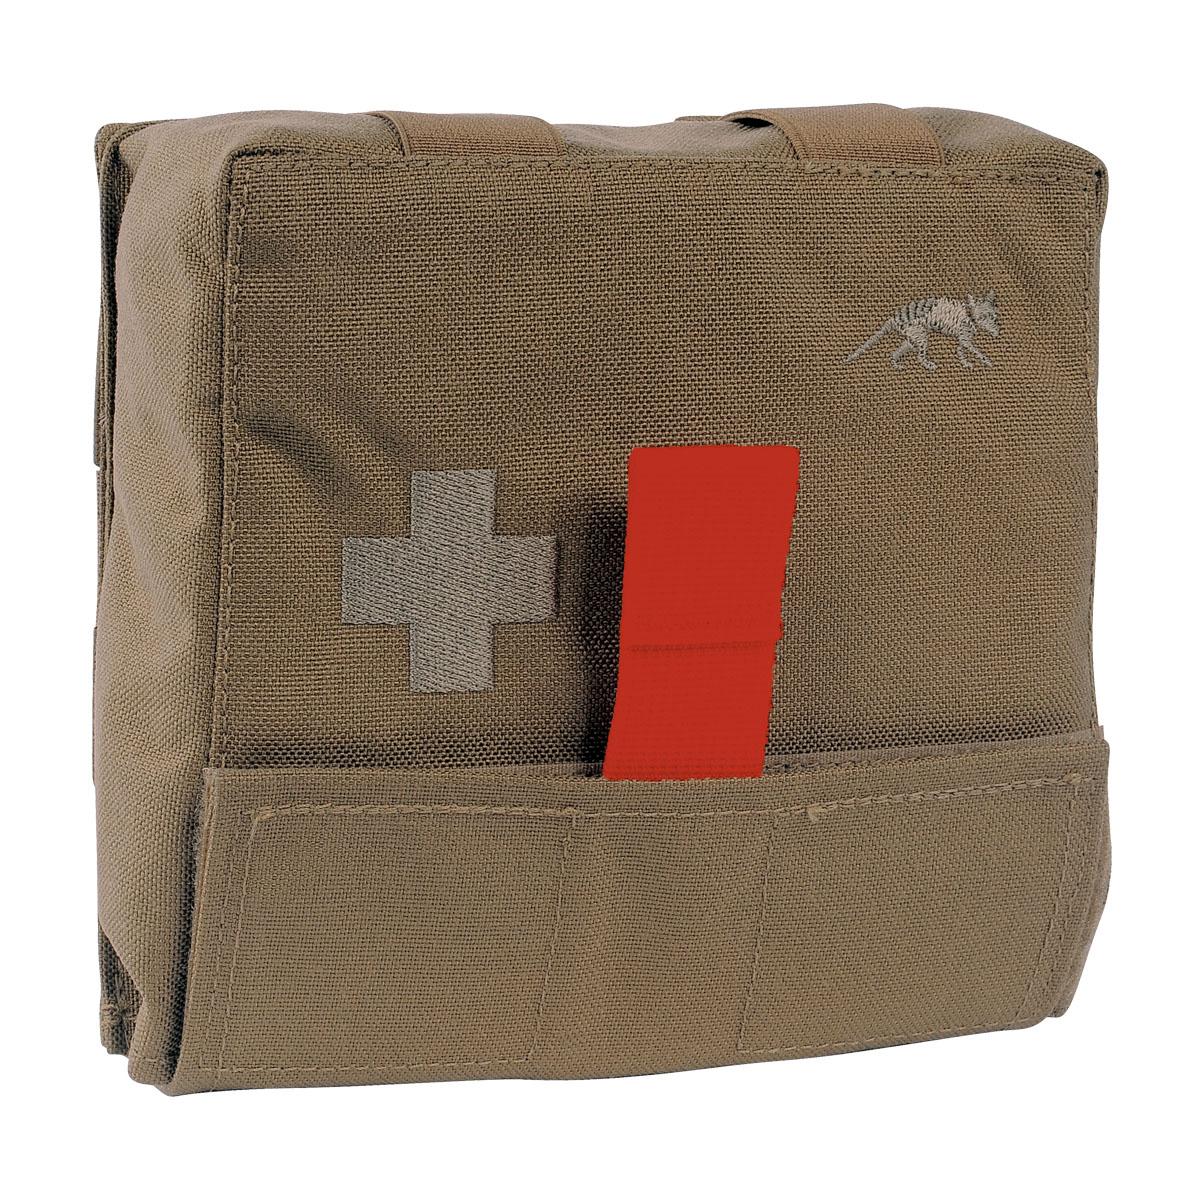 Подсумок-аптечка TT IFAK POUCH S coyote brown, 7687.346 - артикул: 821650193